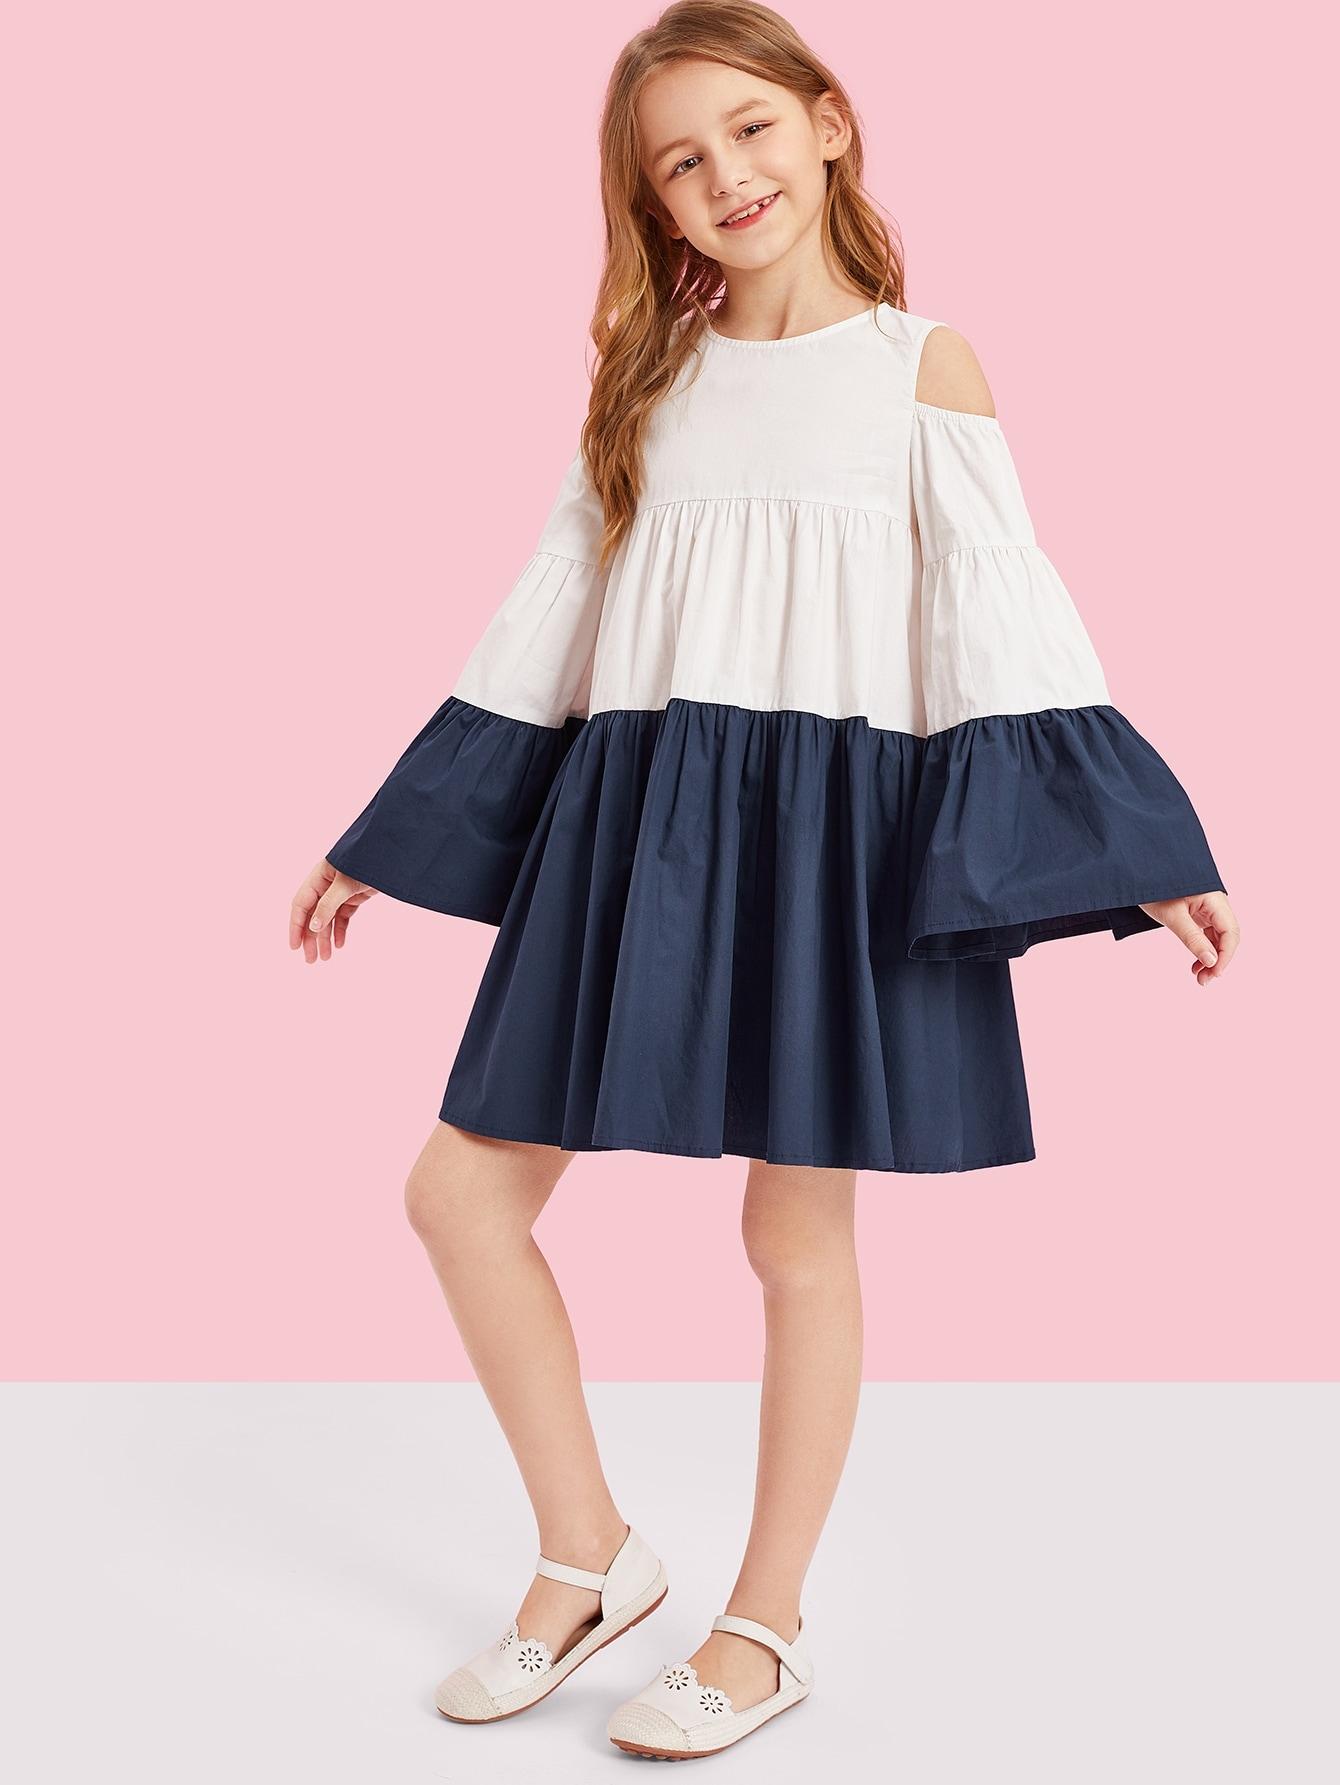 Купить Контрастное платье с открытыми плечами для девочек, Sashab, SheIn